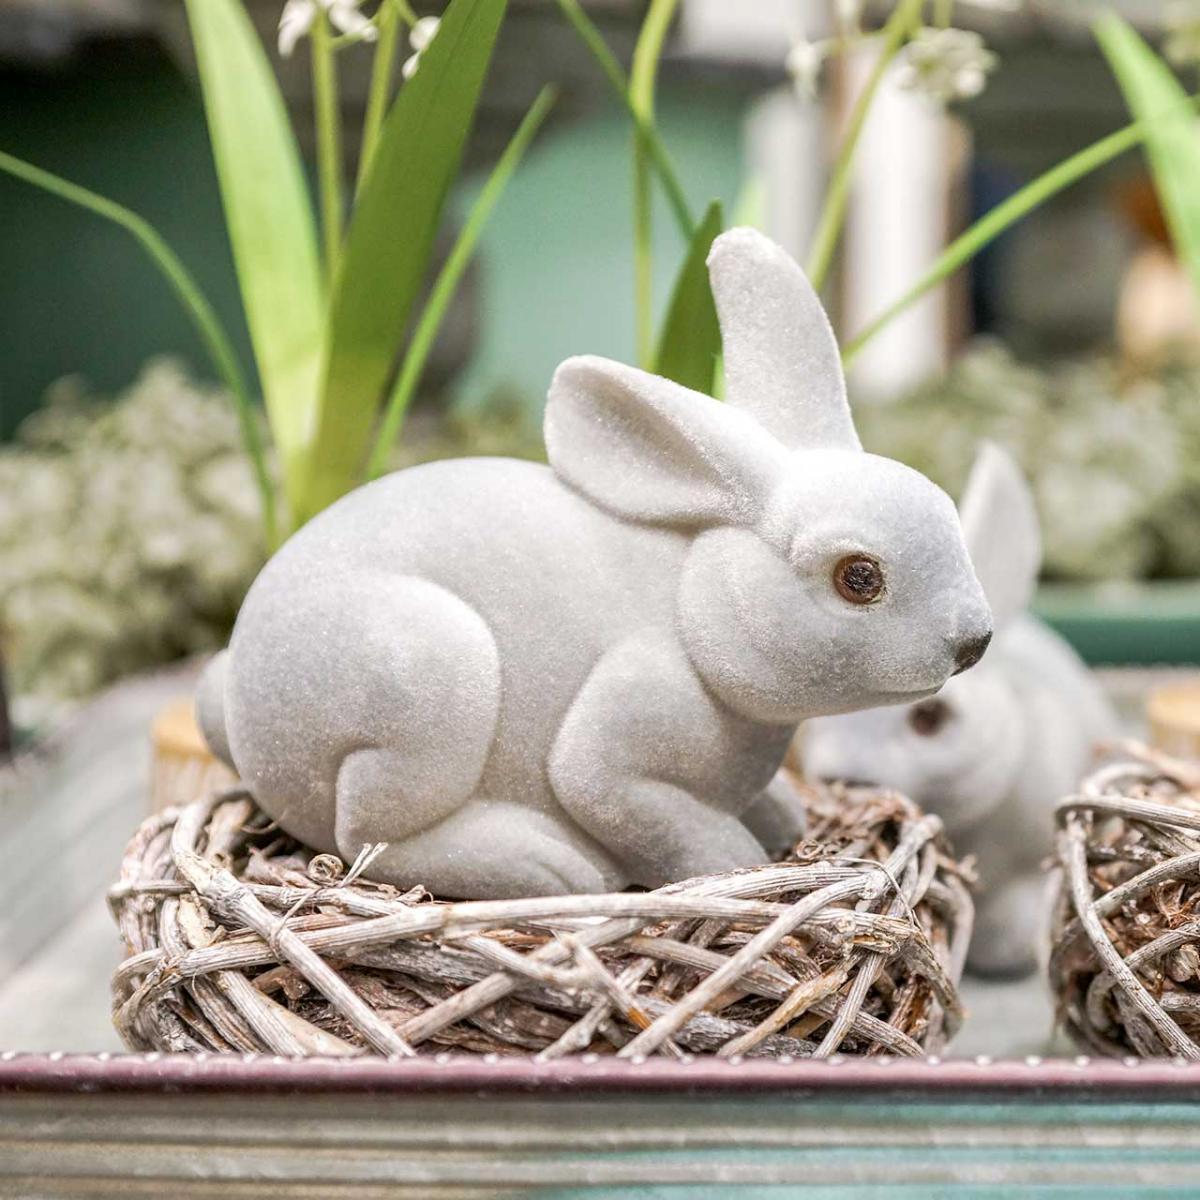 Figura decorativa coniglietto grigio, decorazione primaverile, coniglio pasquale seduto floccato 3pz